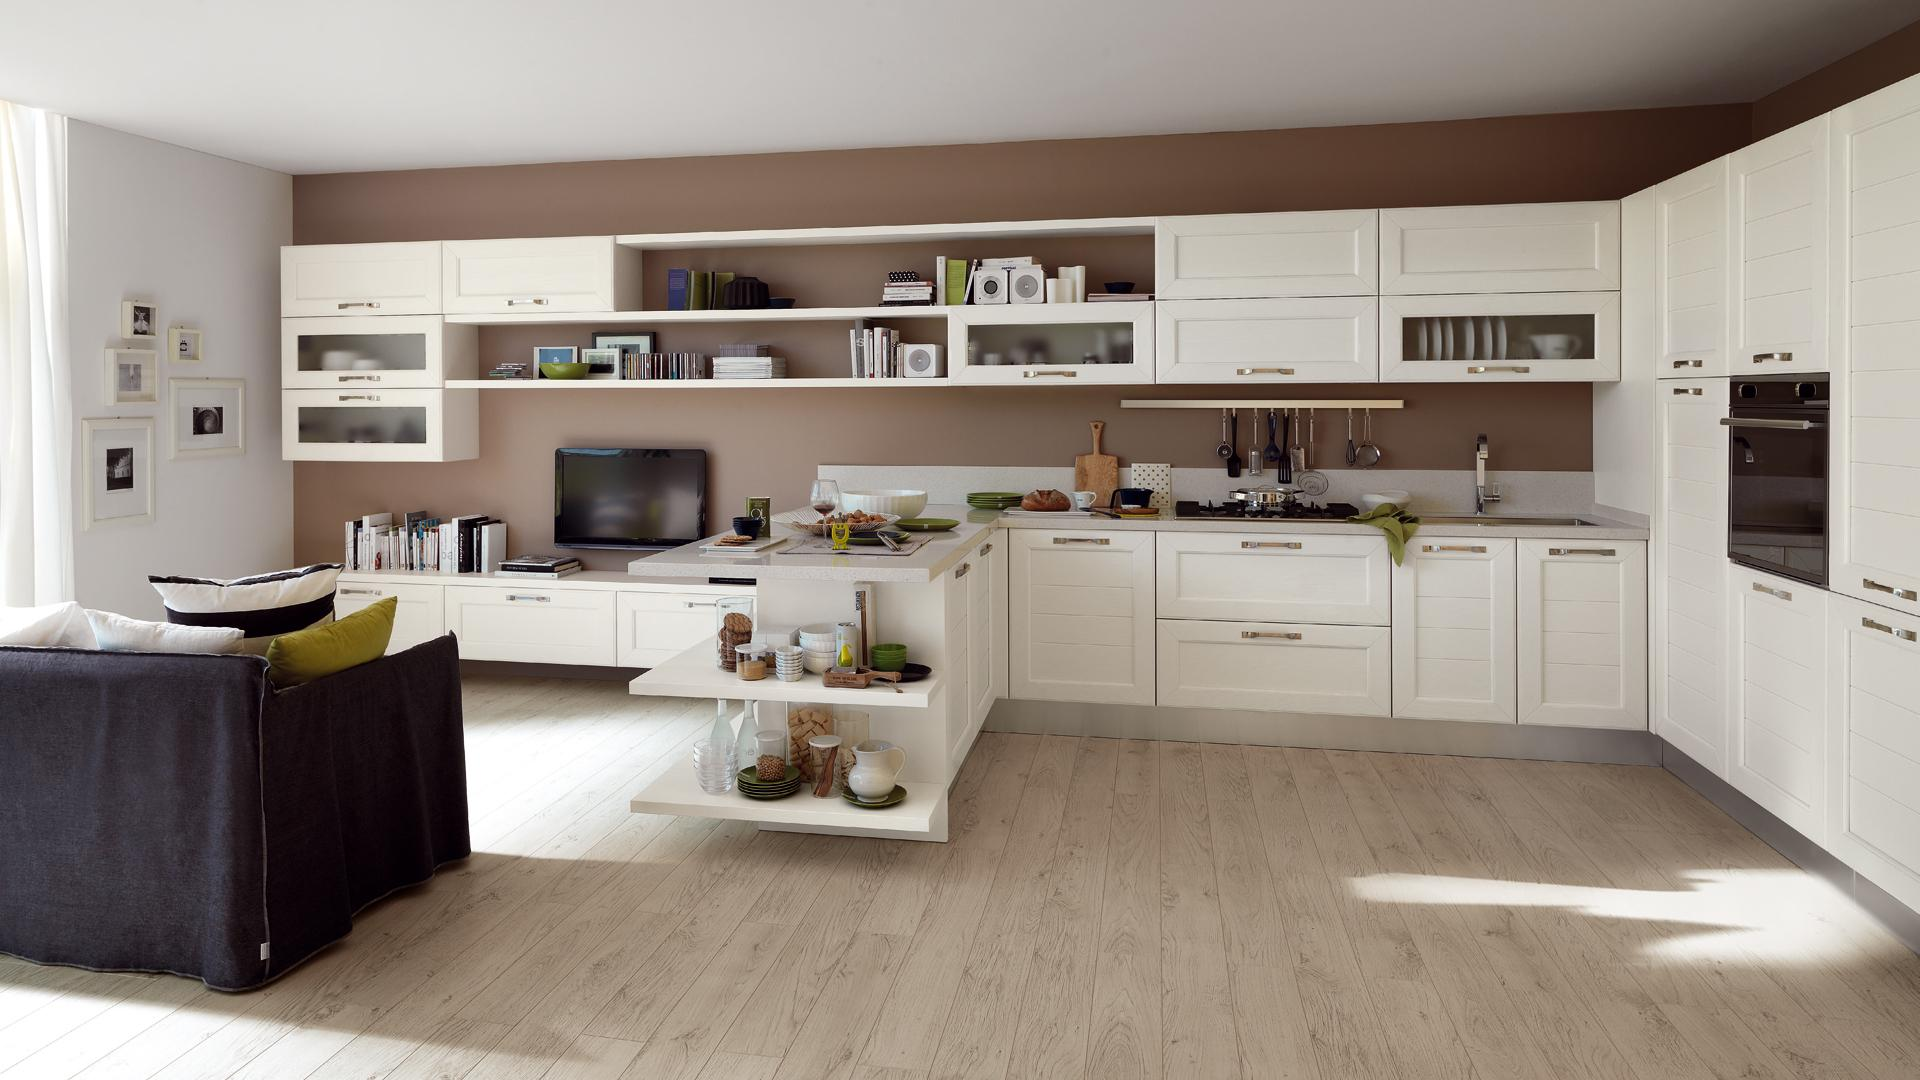 Cucina Claudia Lube E Creo Store Rozzano Vendita Cucine Lube E Creo Kitchens